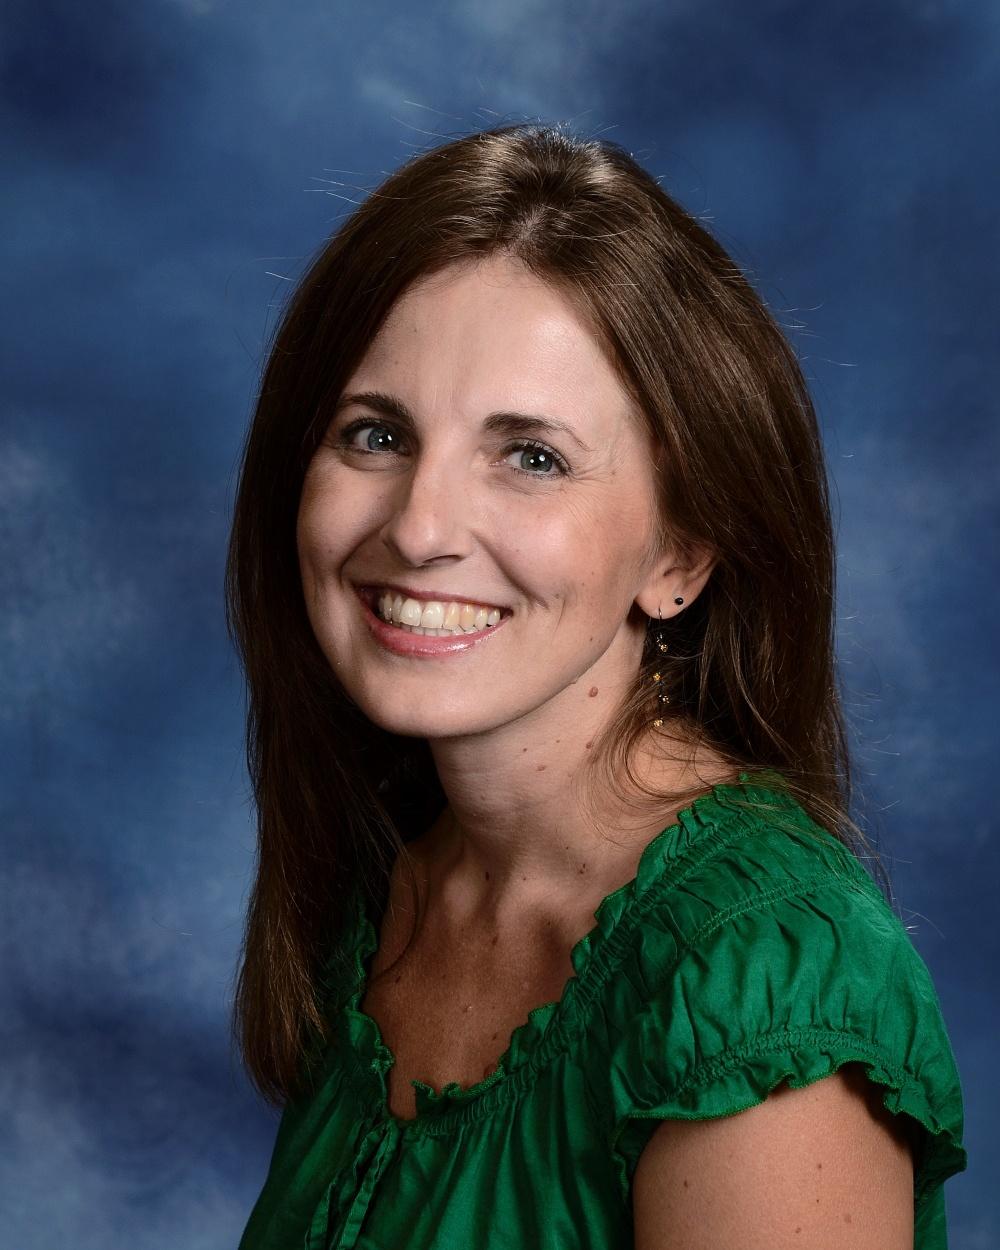 Kelly McKennon